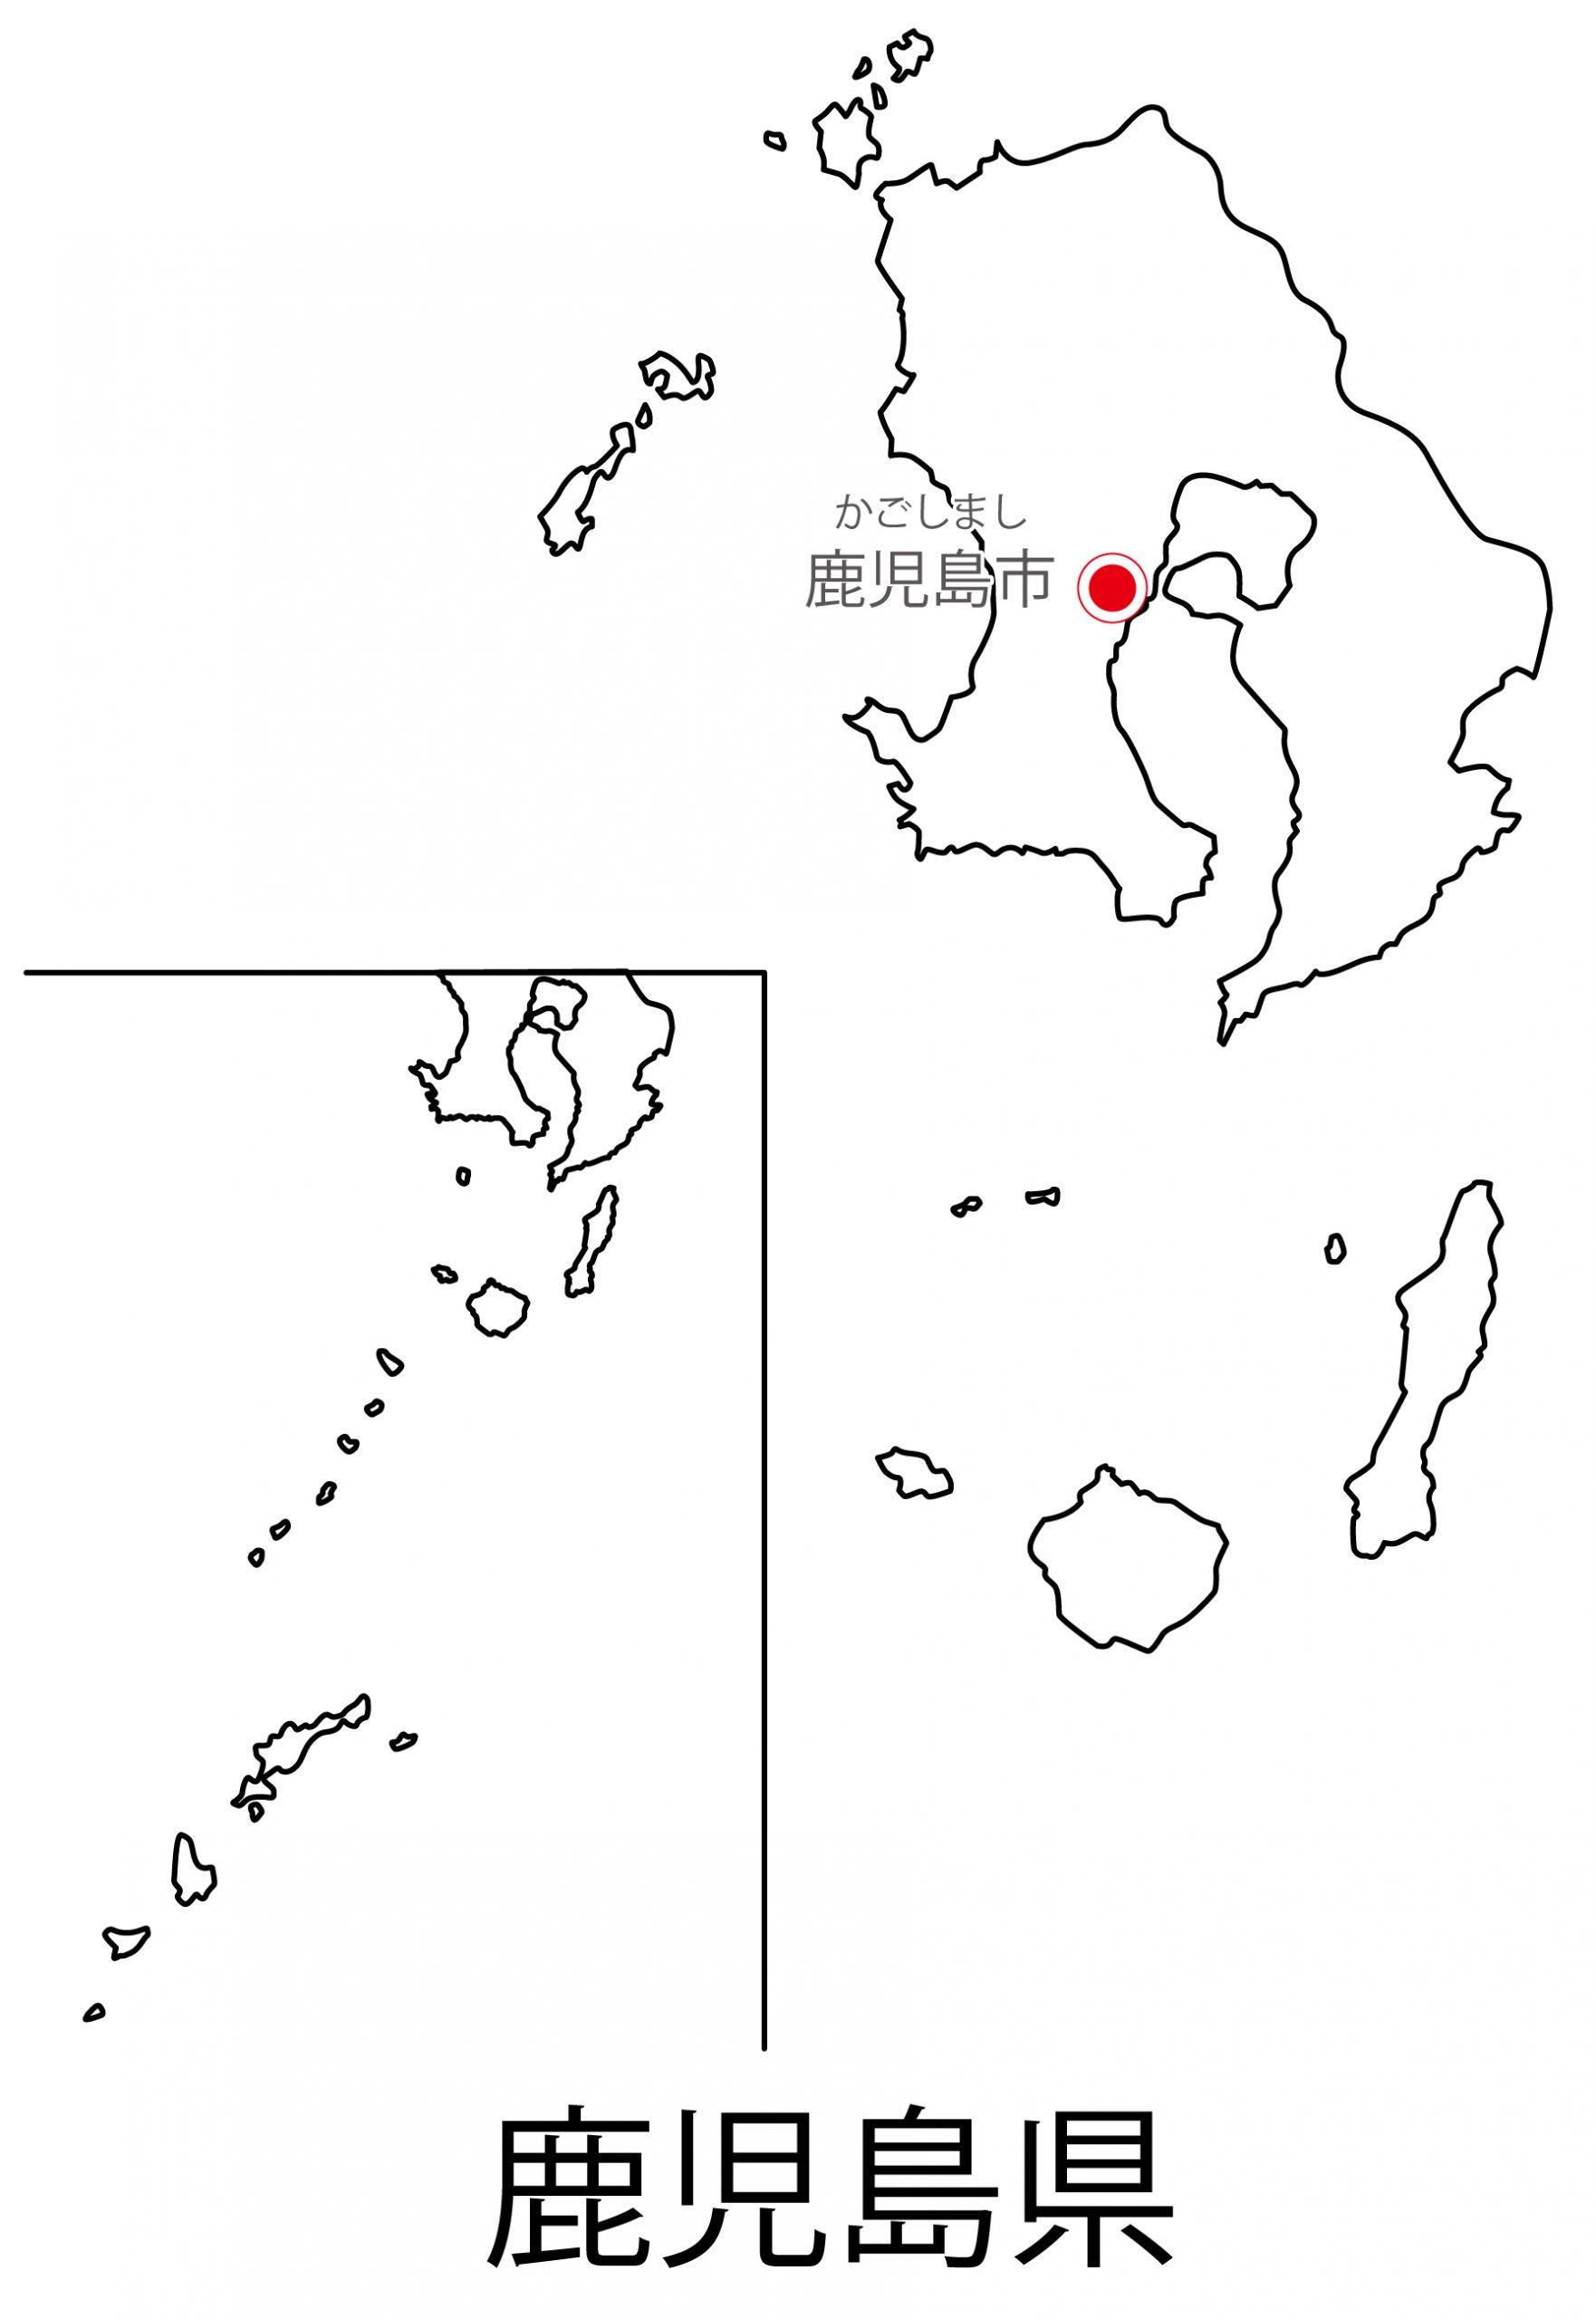 鹿児島県無料フリーイラスト|日本語・都道府県名あり・県庁所在地あり・ルビあり(白)